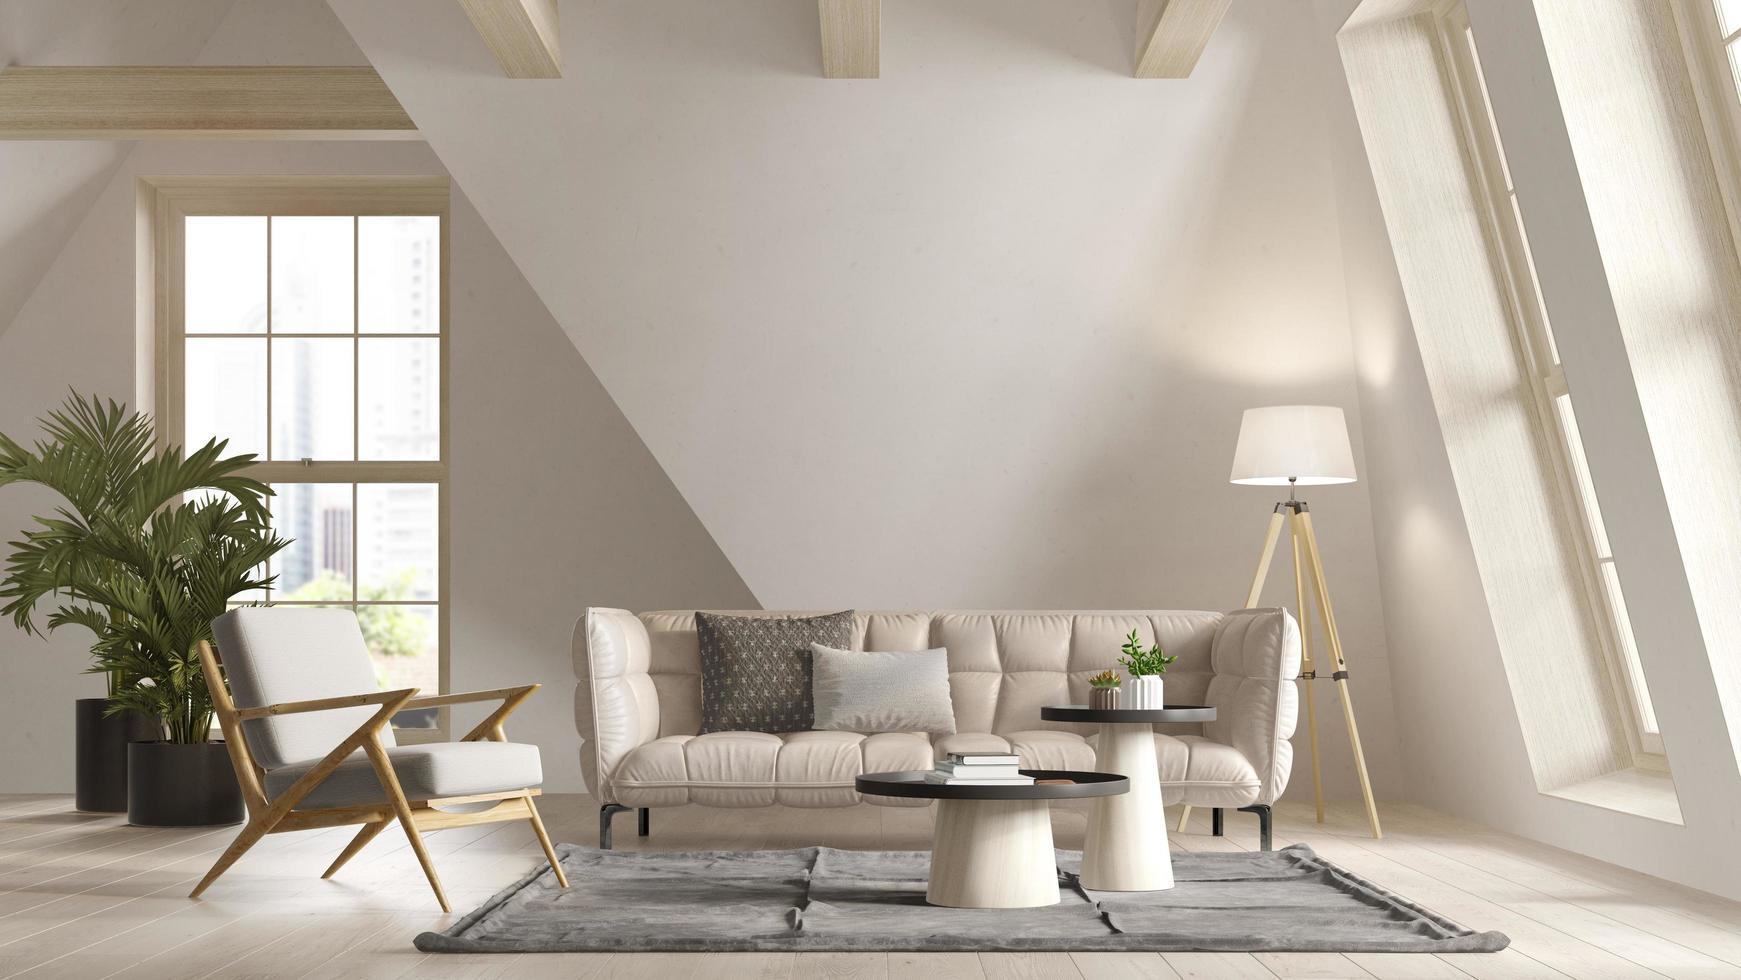 White color attic interior room in 3D illustration photo